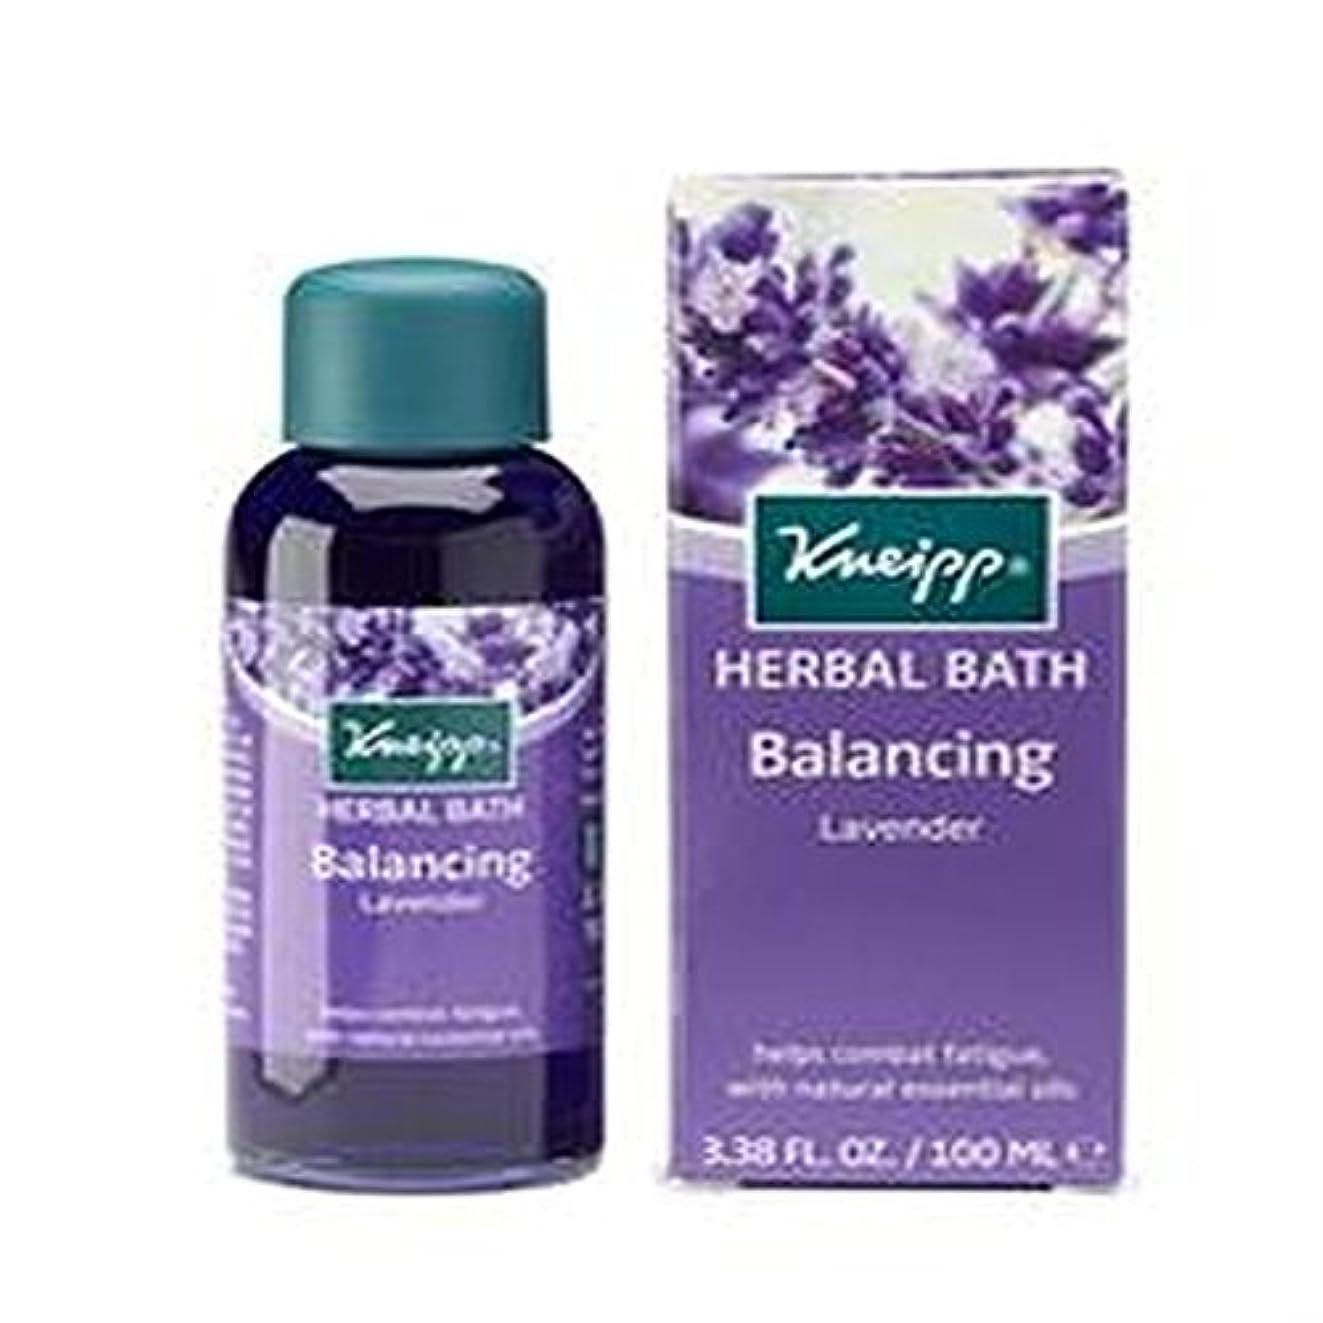 テクスチャー致命的画面Kneipp Balancing Lavender Herbal Bath - 3.38 Oz. (並行輸入品) [並行輸入品]